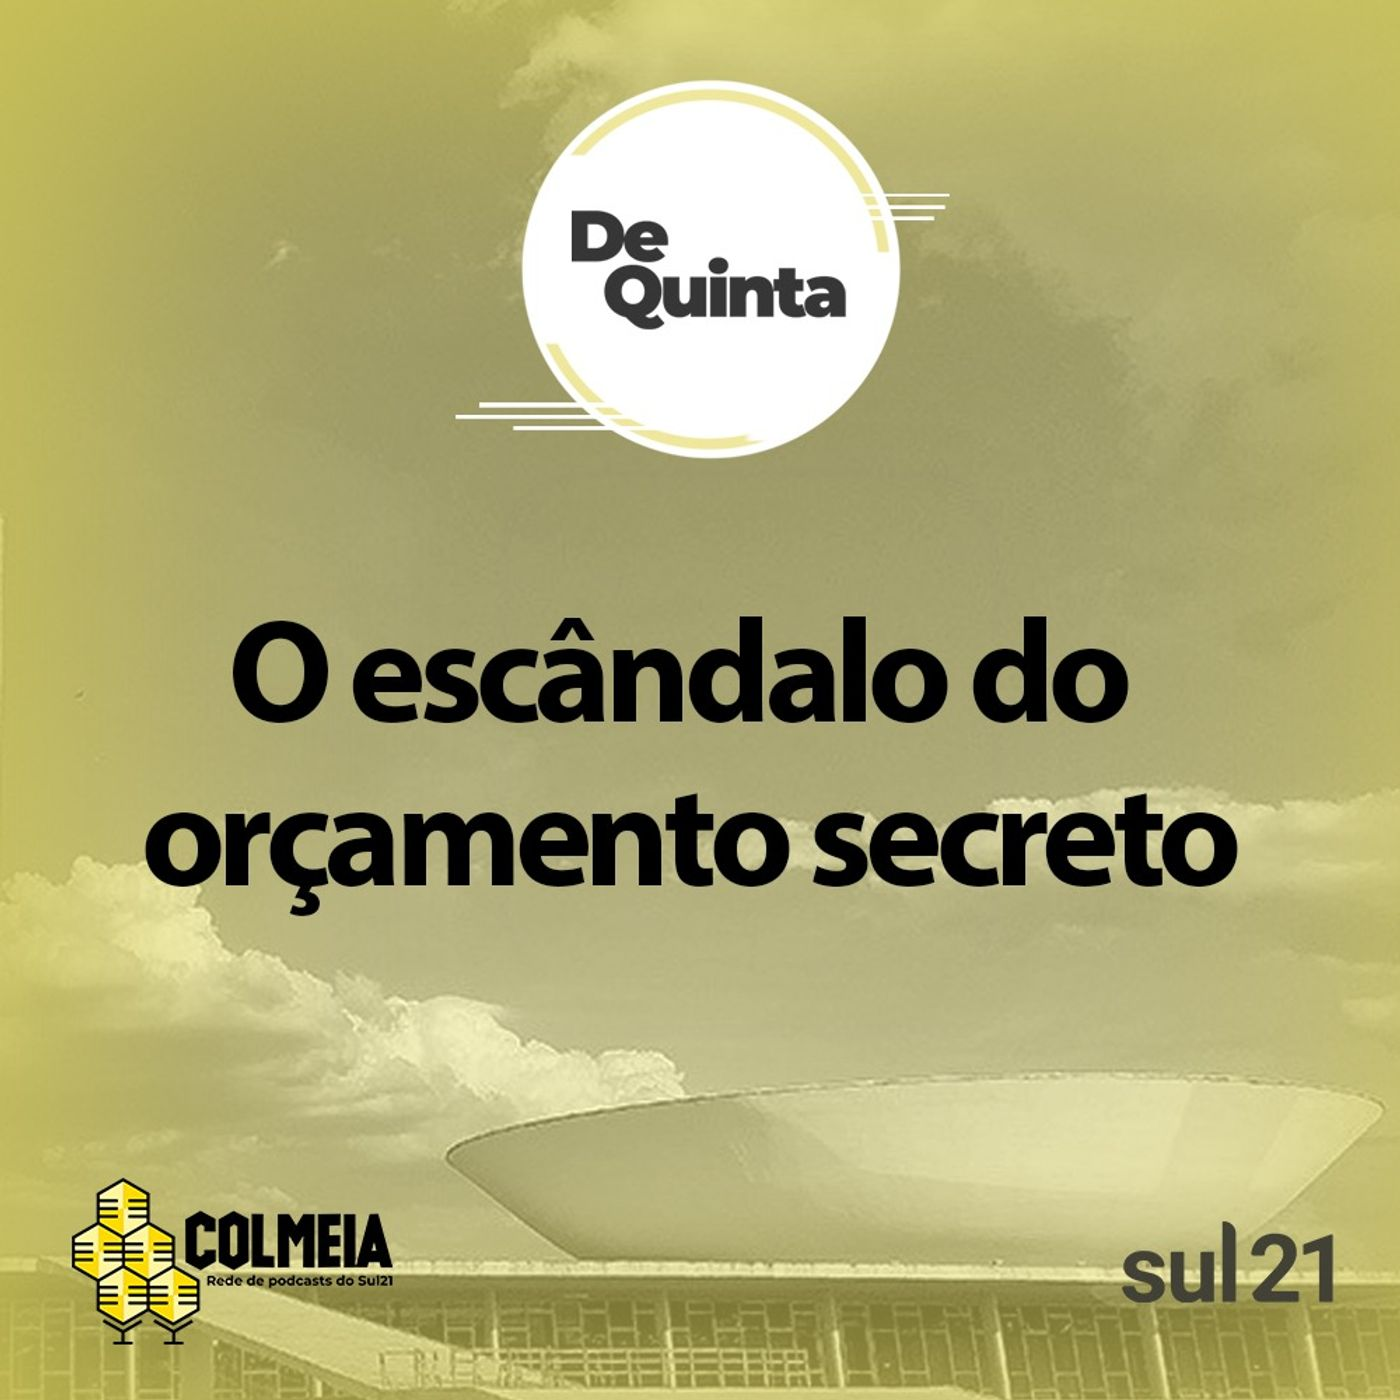 De Quinta ep.42: O escândalo do orçamento secreto, com Luis Nassif